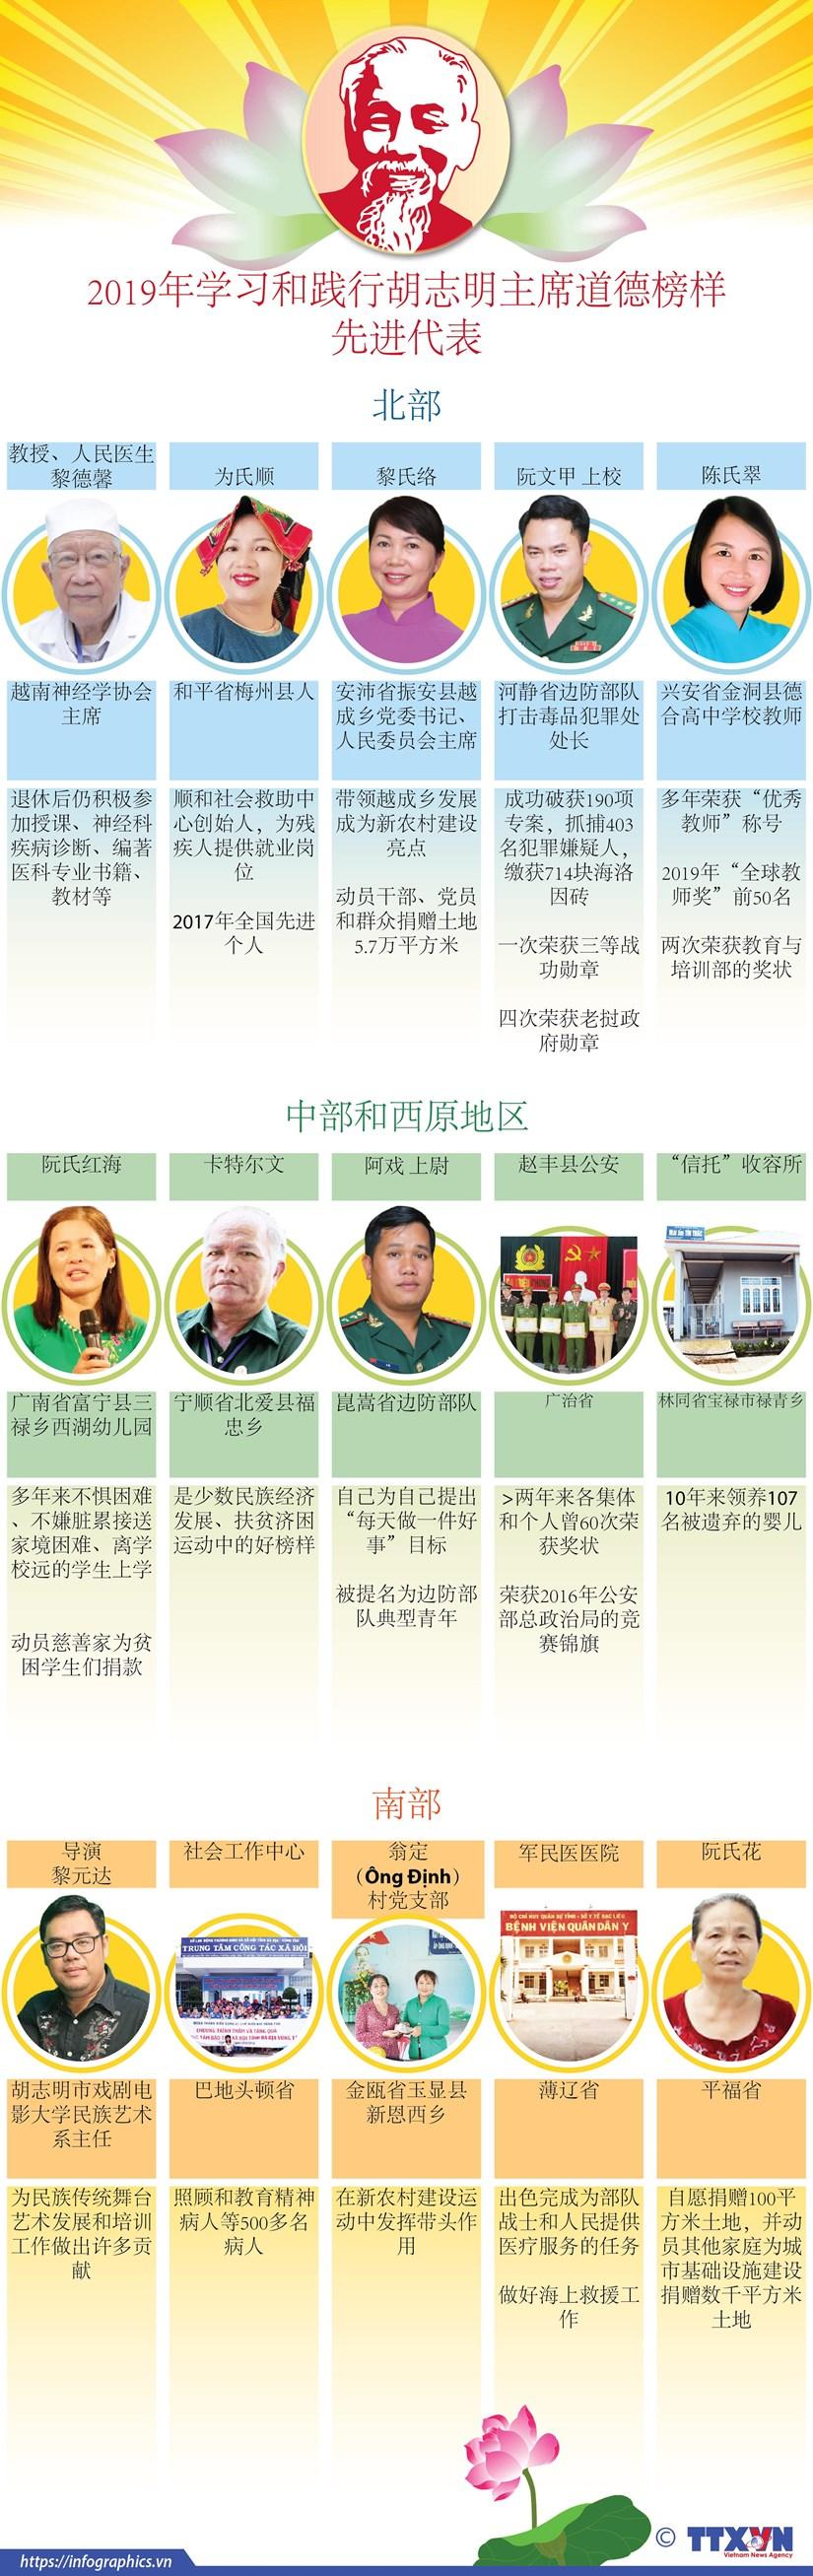 图表新闻:2019年学习和践行胡志明主席道德榜样先进代表 hinh anh 1